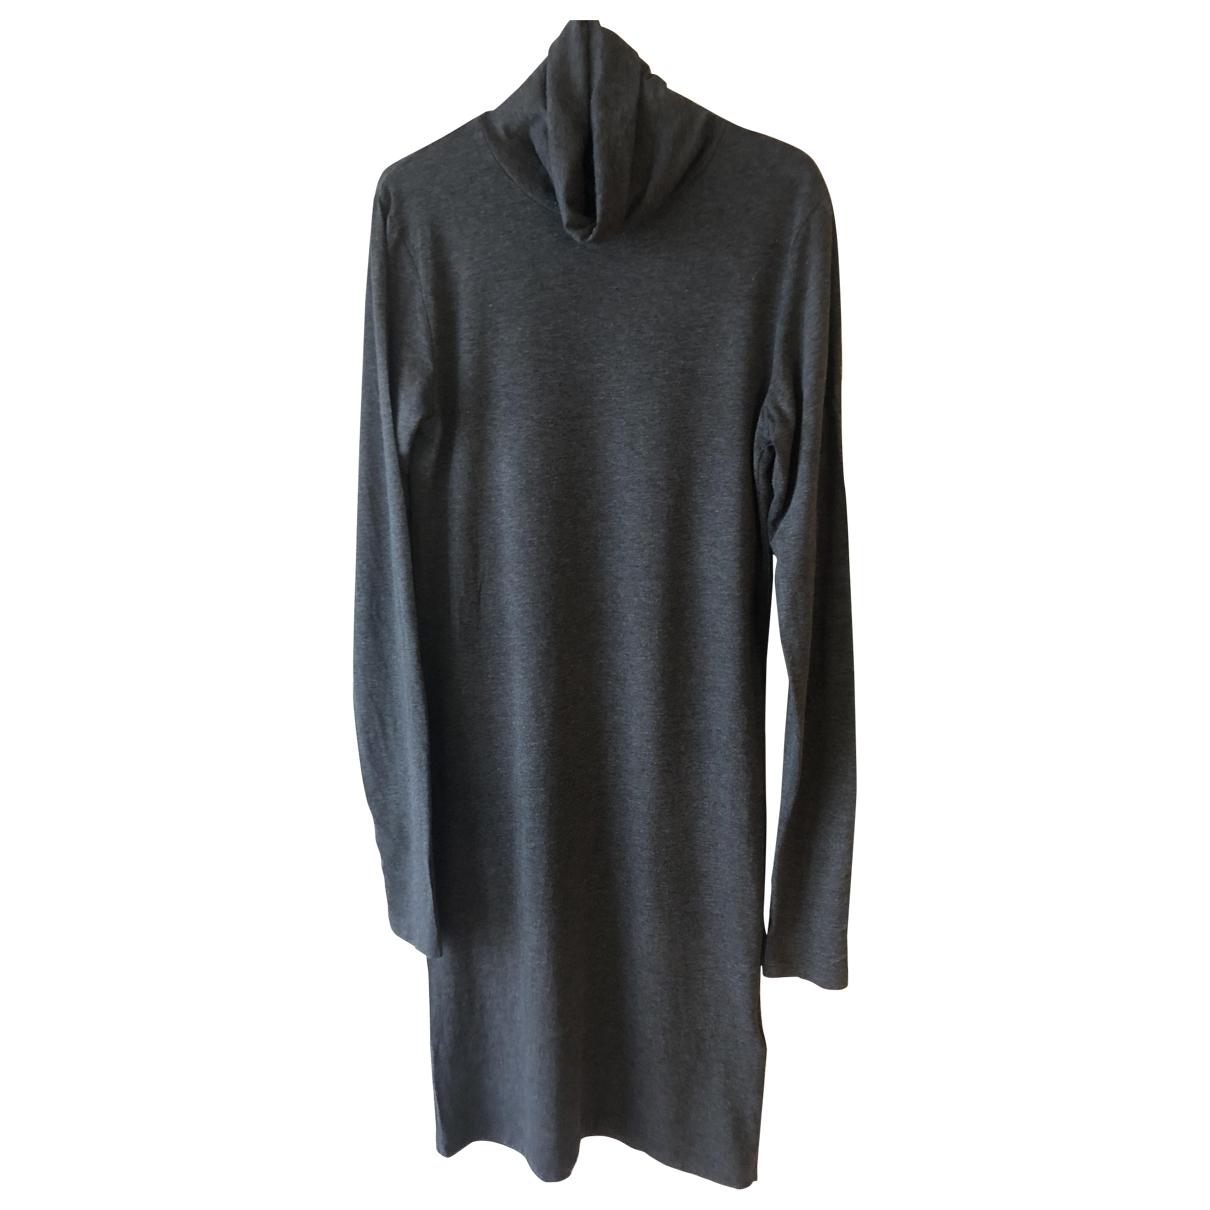 Samsoe & Samsoe \N Kleid in  Grau Baumwolle - Elasthan